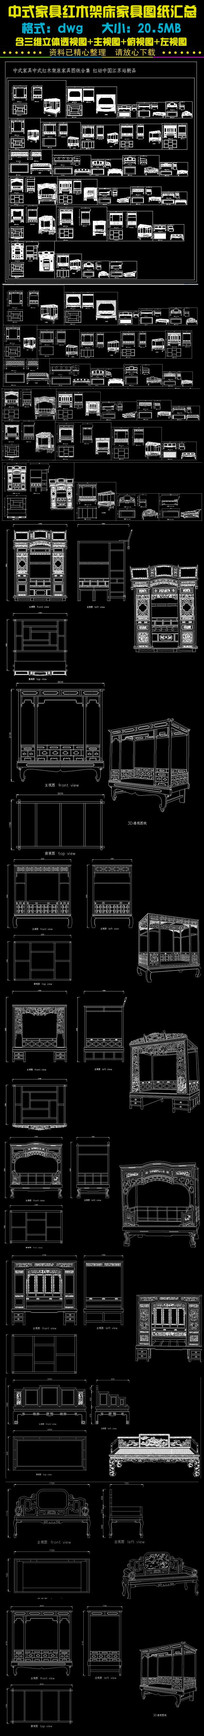 中式家具CAD图集红木架床 dwg